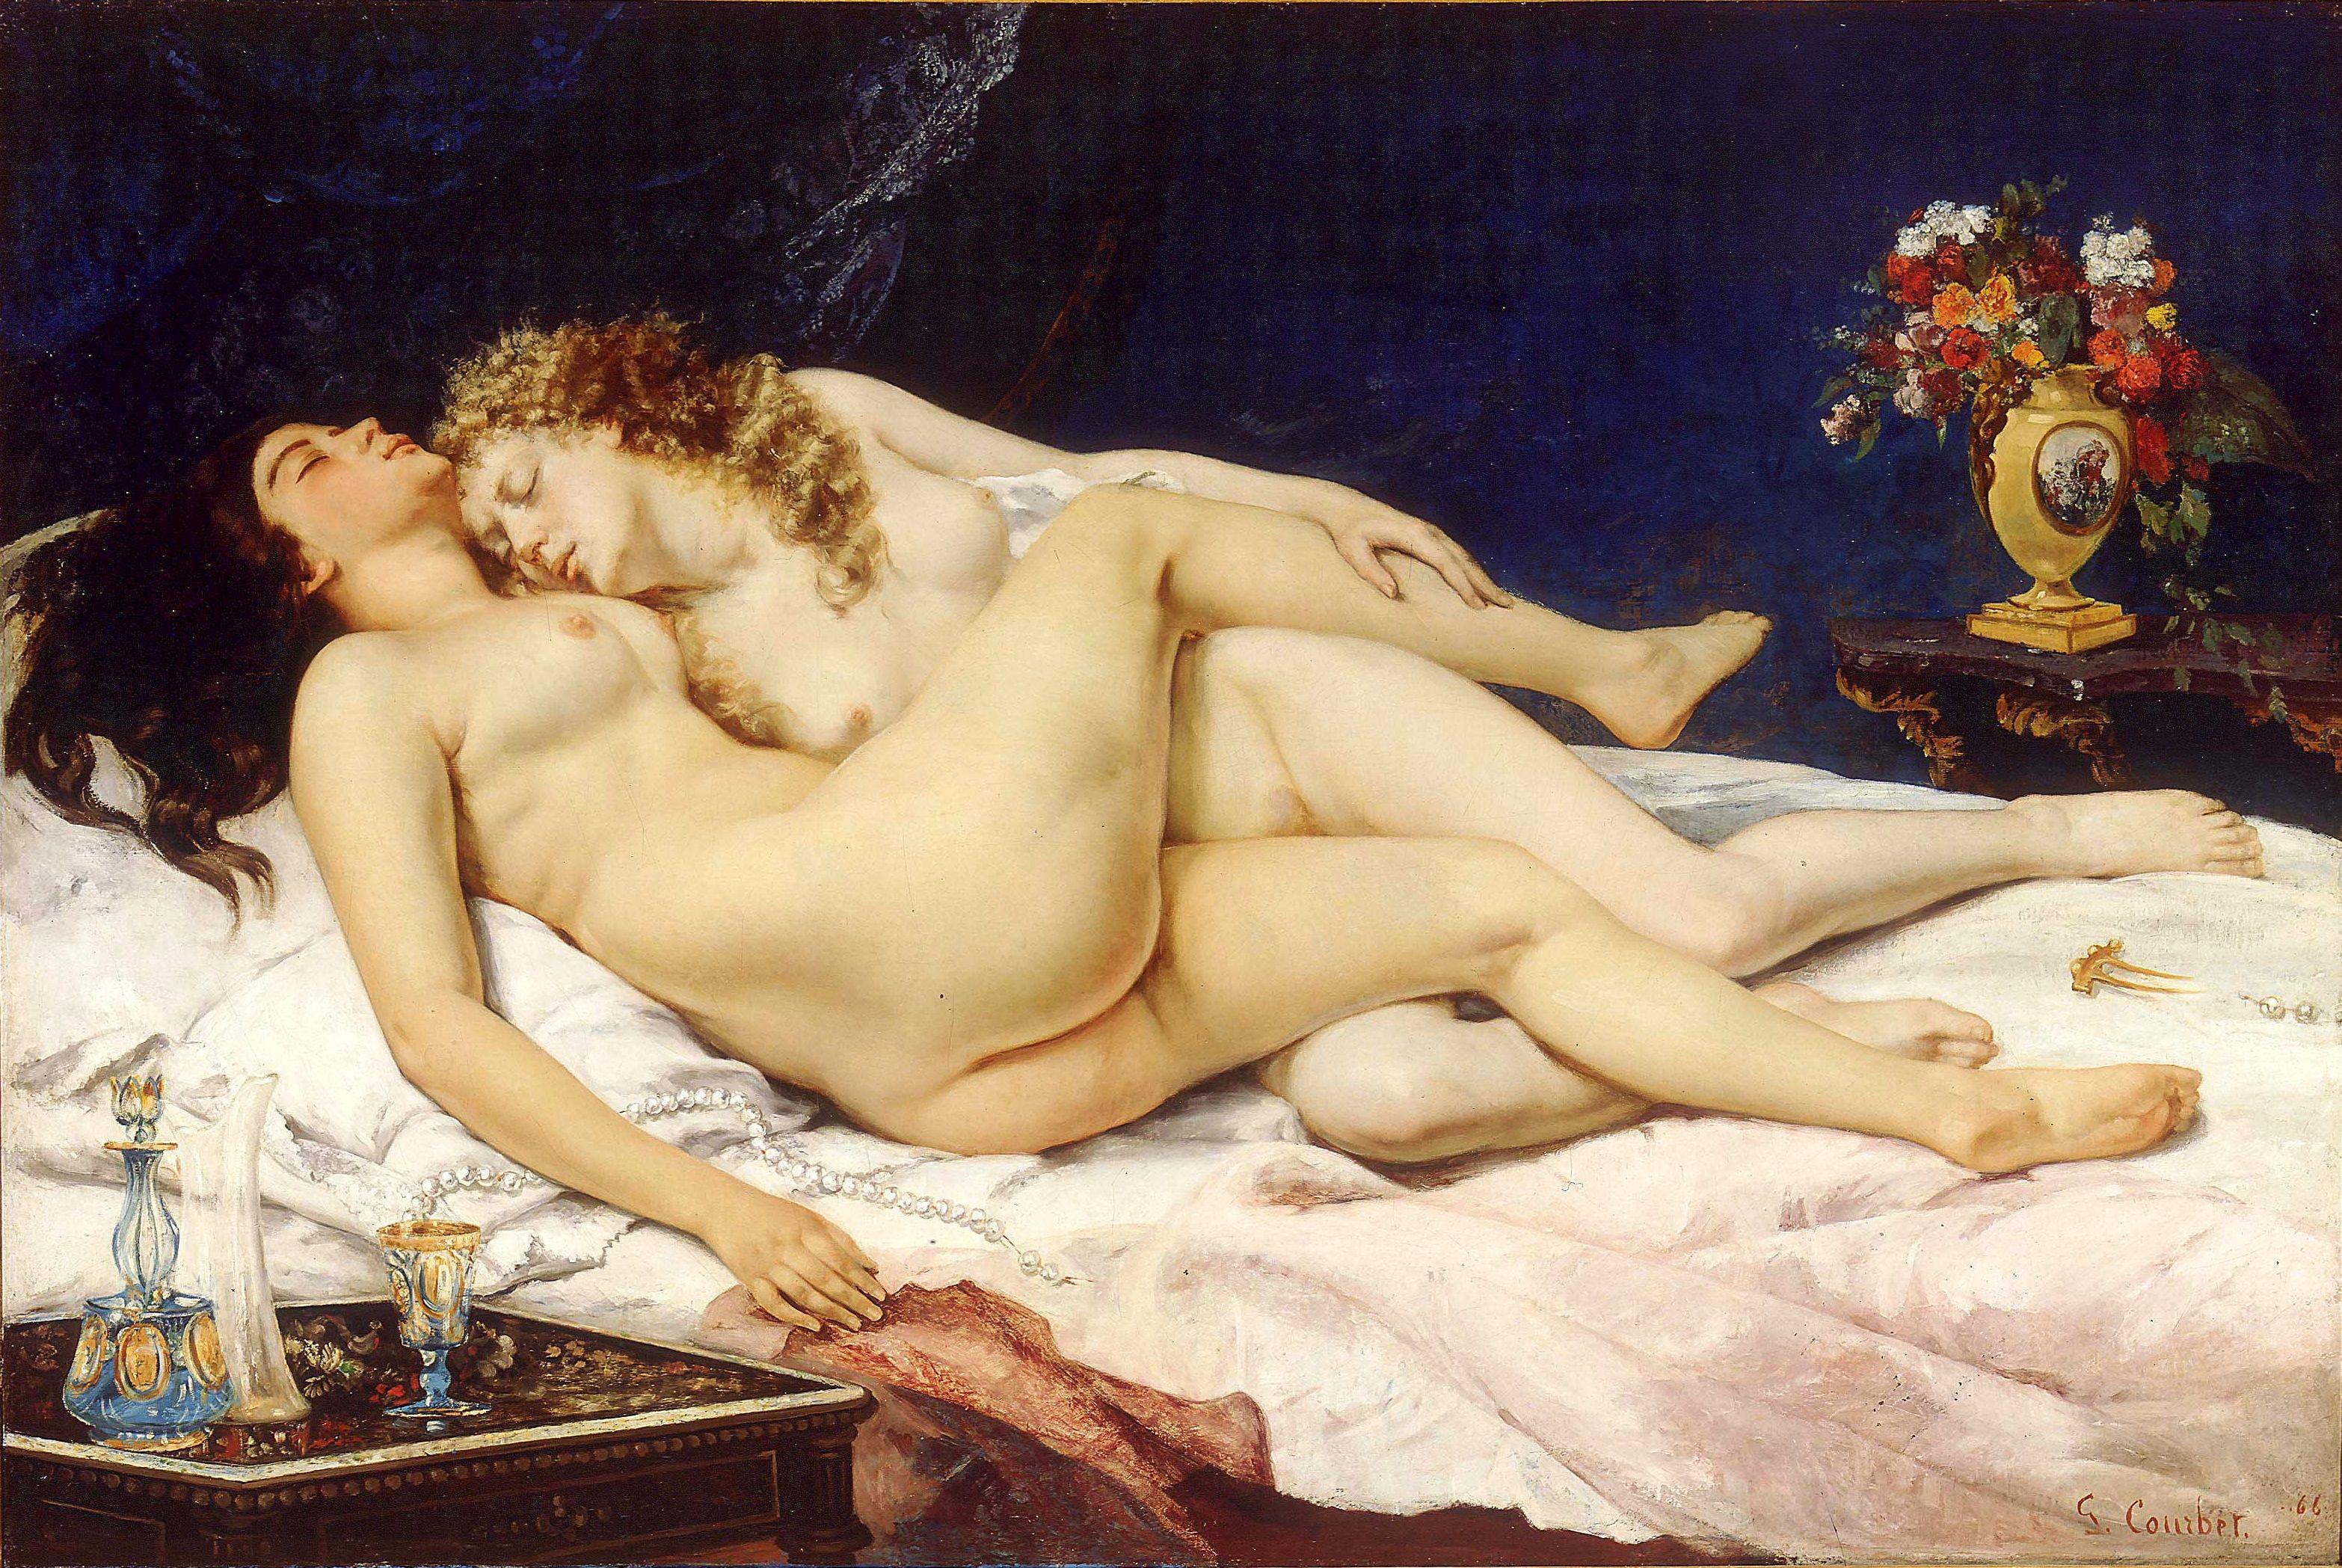 Resultado de imagen de Las durmientes. Gustave Courbet